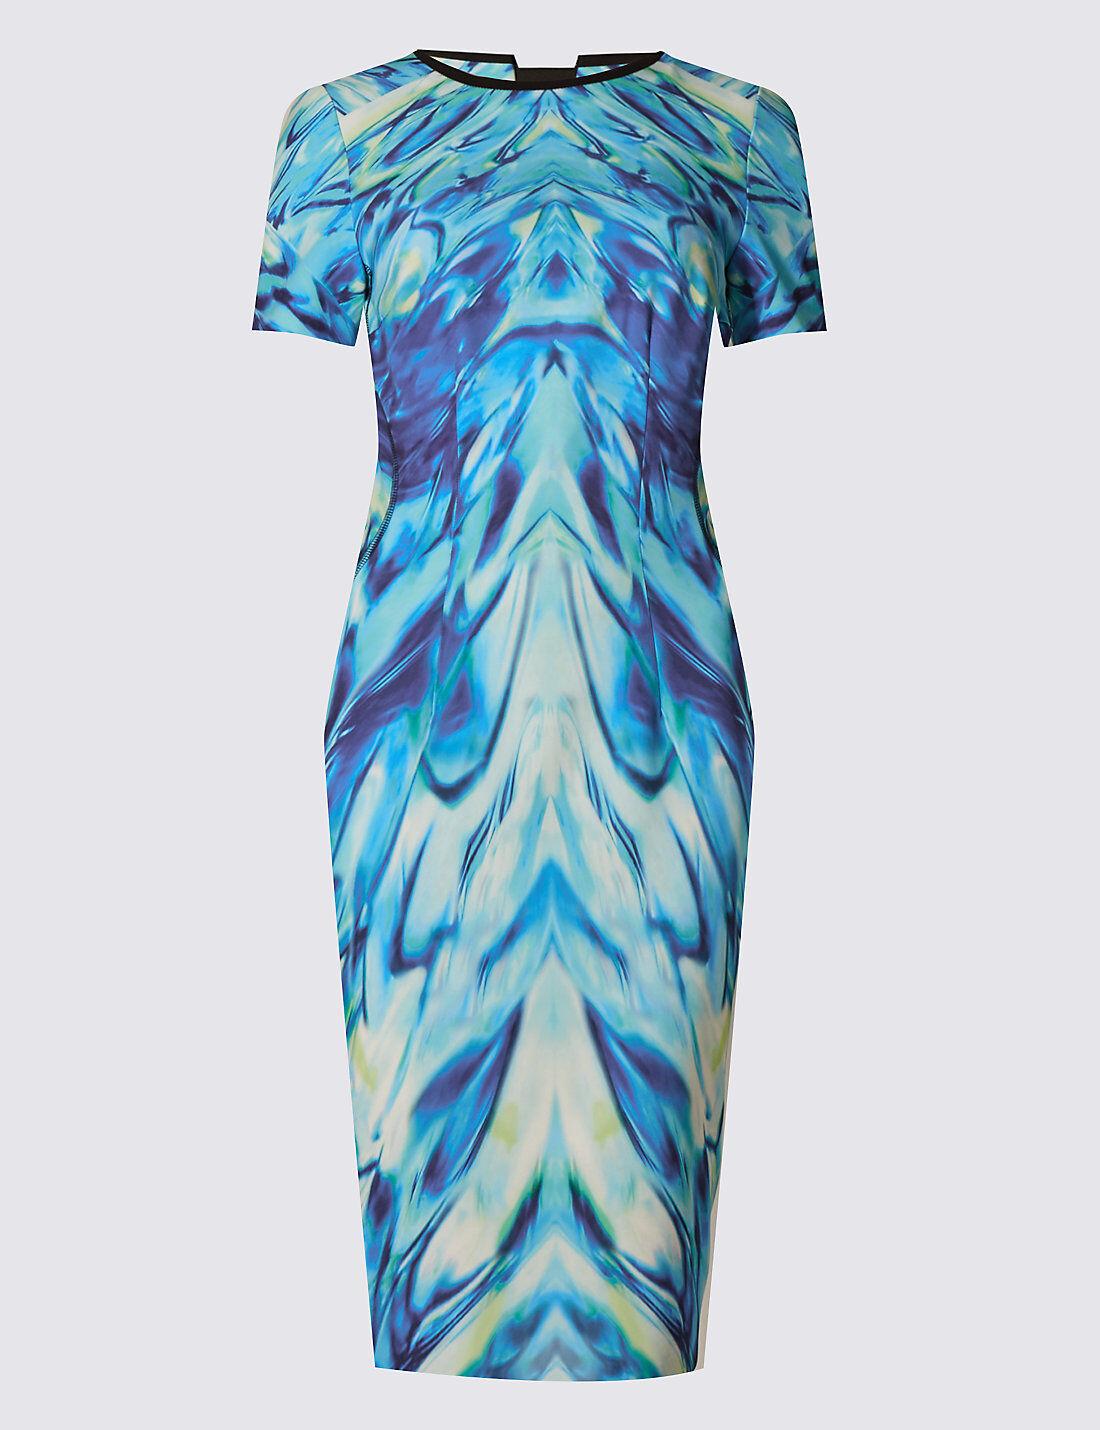 New M&S Per Una Speziale Mirror Print bluee Green Shift Dress Sz